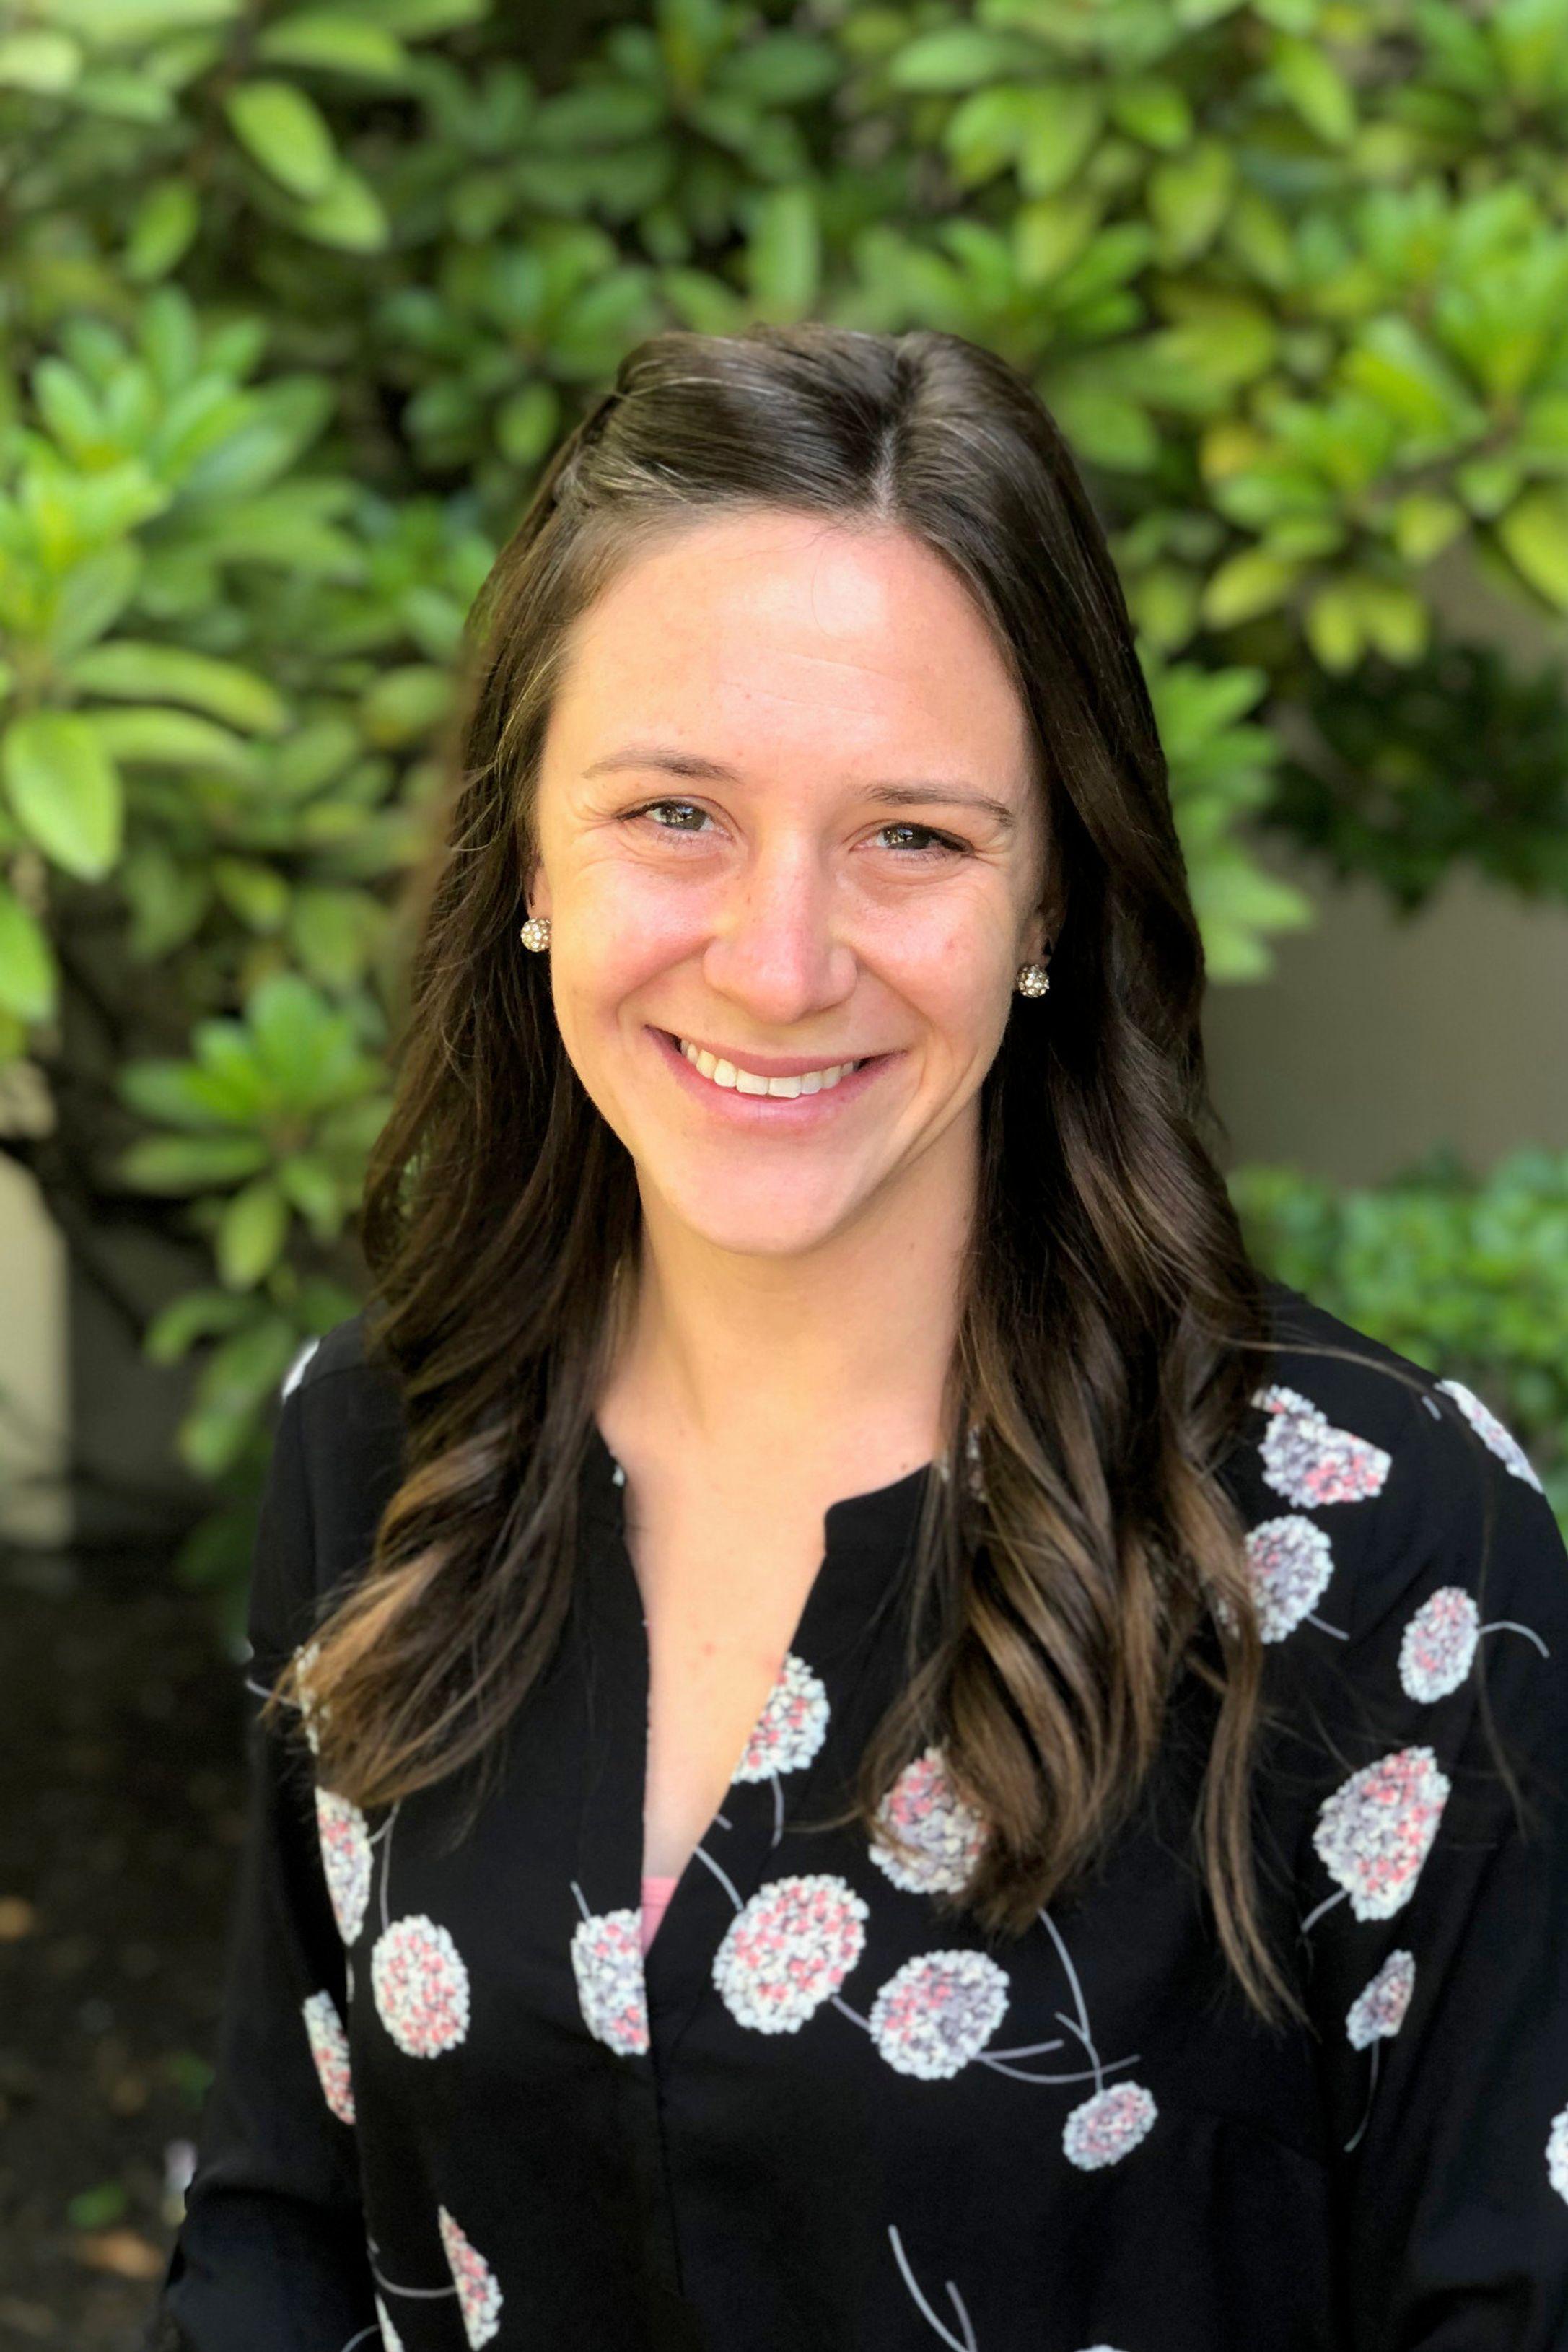 Sarah Huff